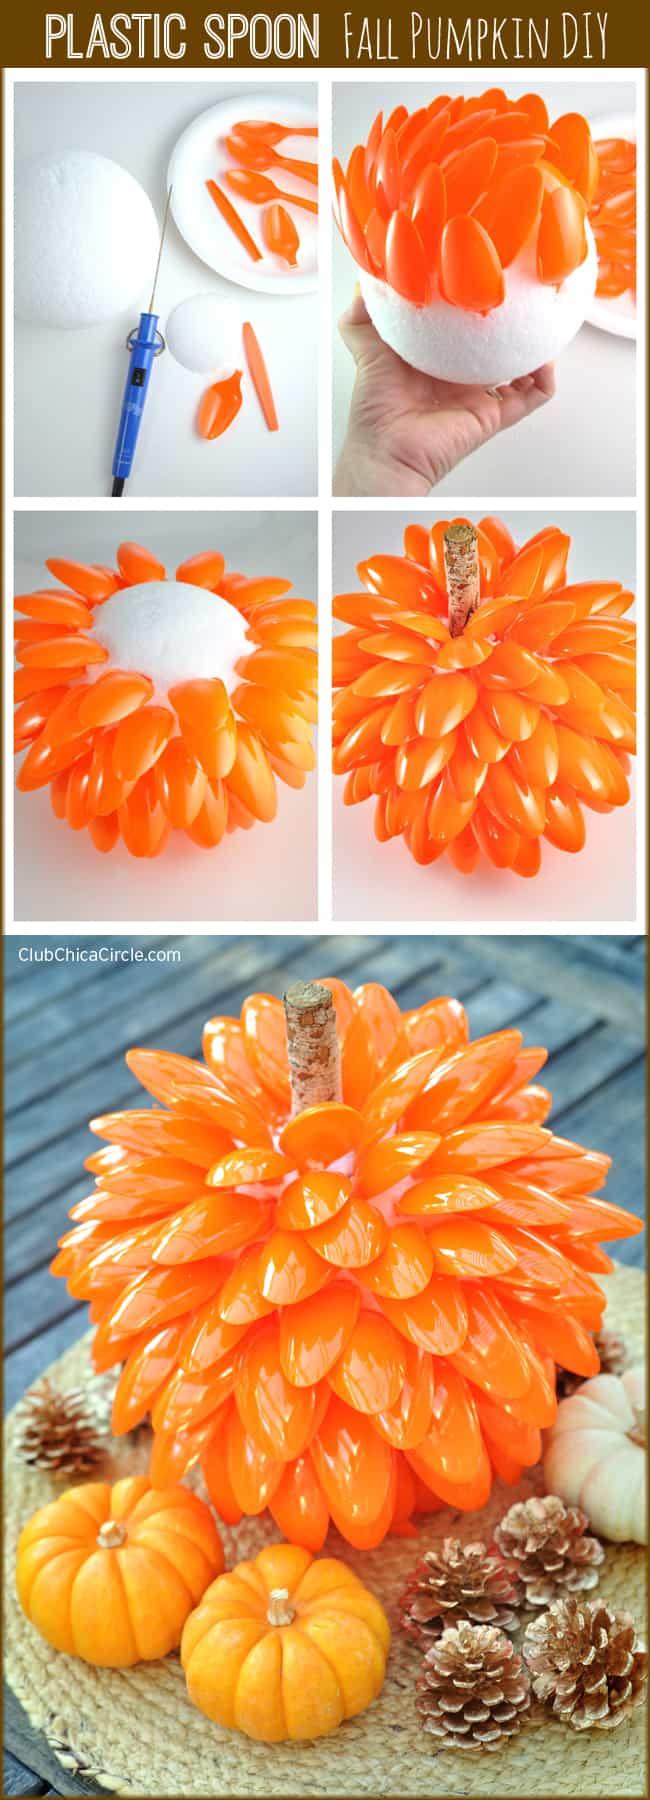 plastic-spoon-pumpkin